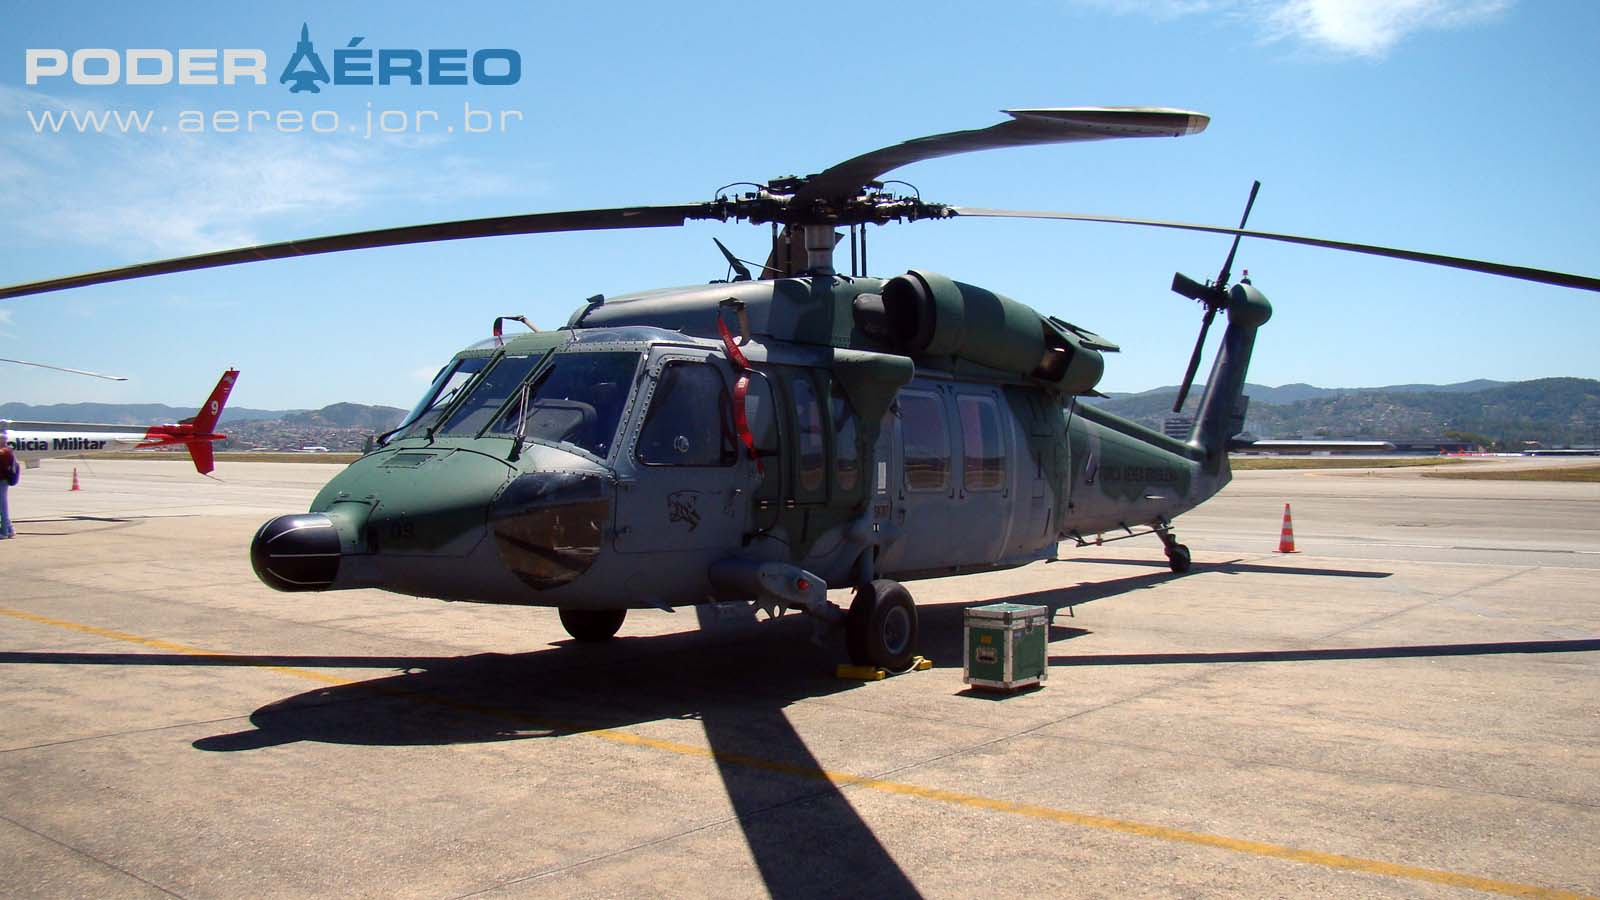 BASP Portões Abertos 2012 - H-60 Black Hawk FAB - foto Nunão - Poder Aéreo